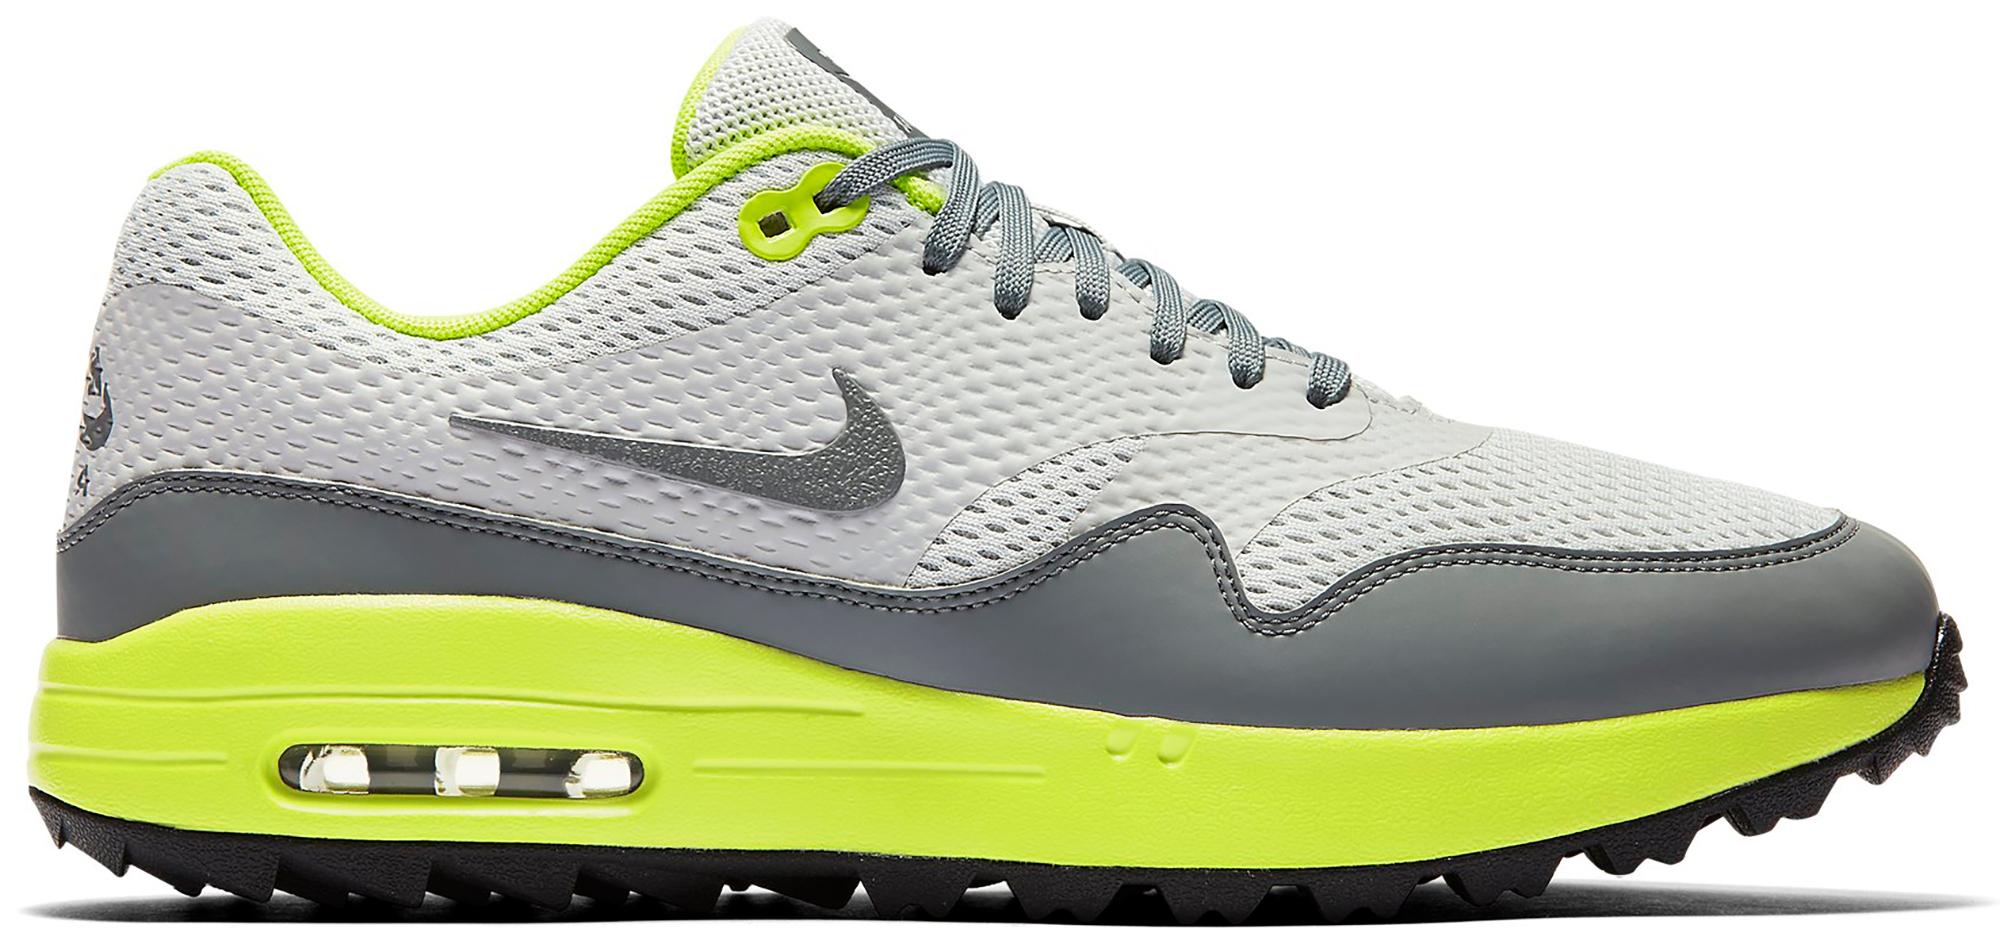 Nike Air Max 1 Golf Grey Fog Lemon